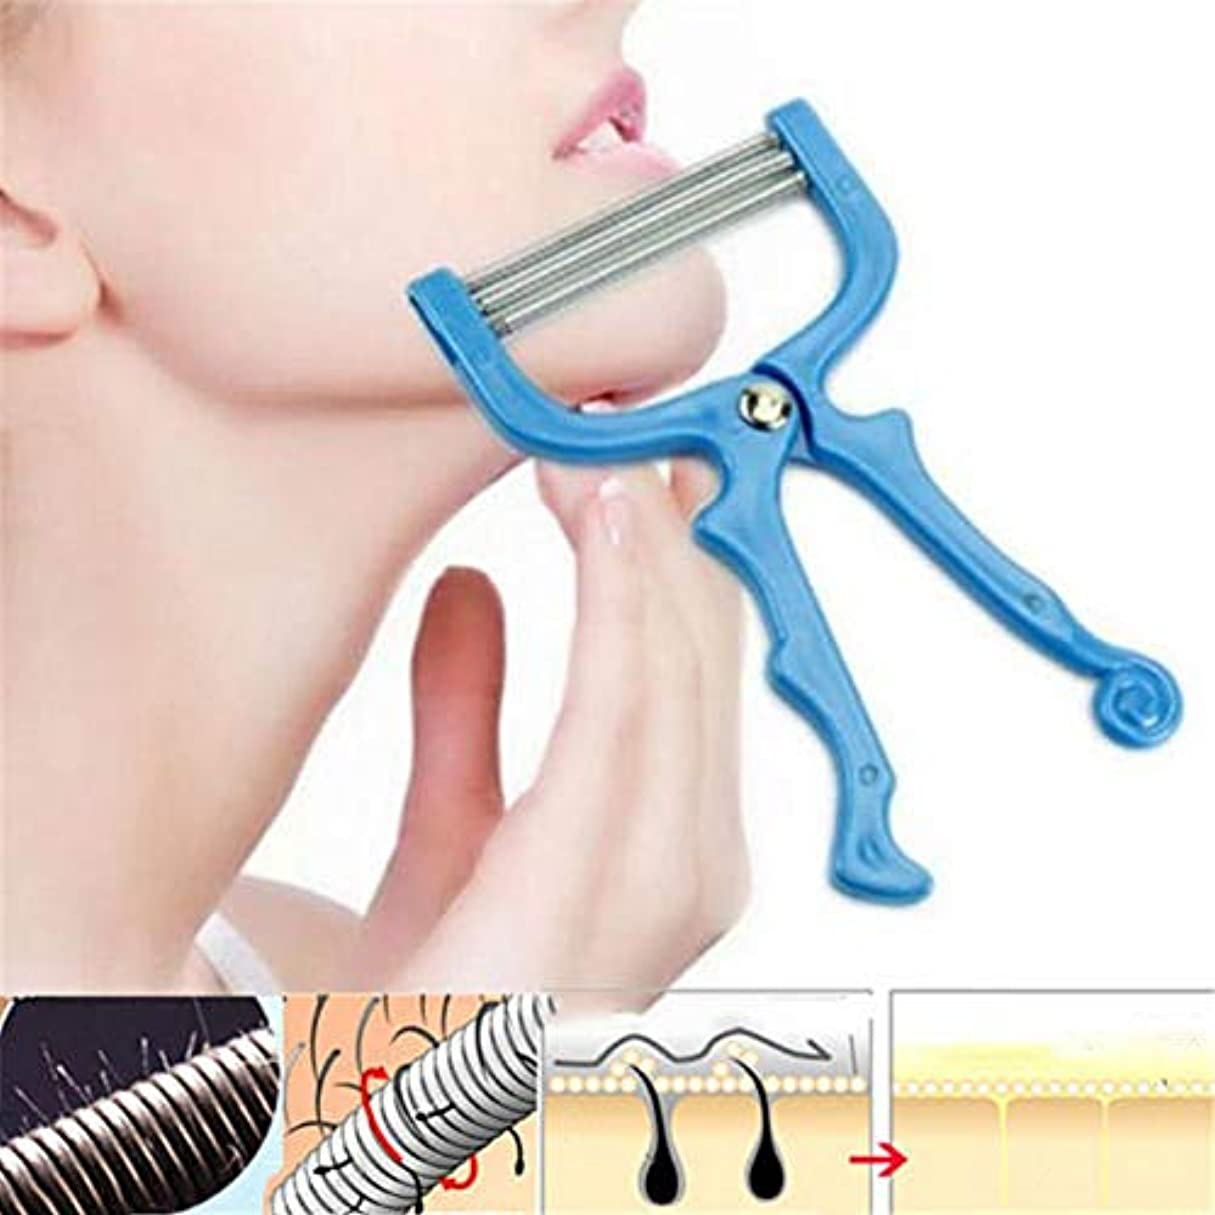 回想半円花瓶SILUN 手動脱毛器 顔/腕/足/脇/ビキニエリアで使用する リムーバー フェイシャルヘアリムーバースプリングフェイシャルヘアスレーター除毛ツール美容ツール